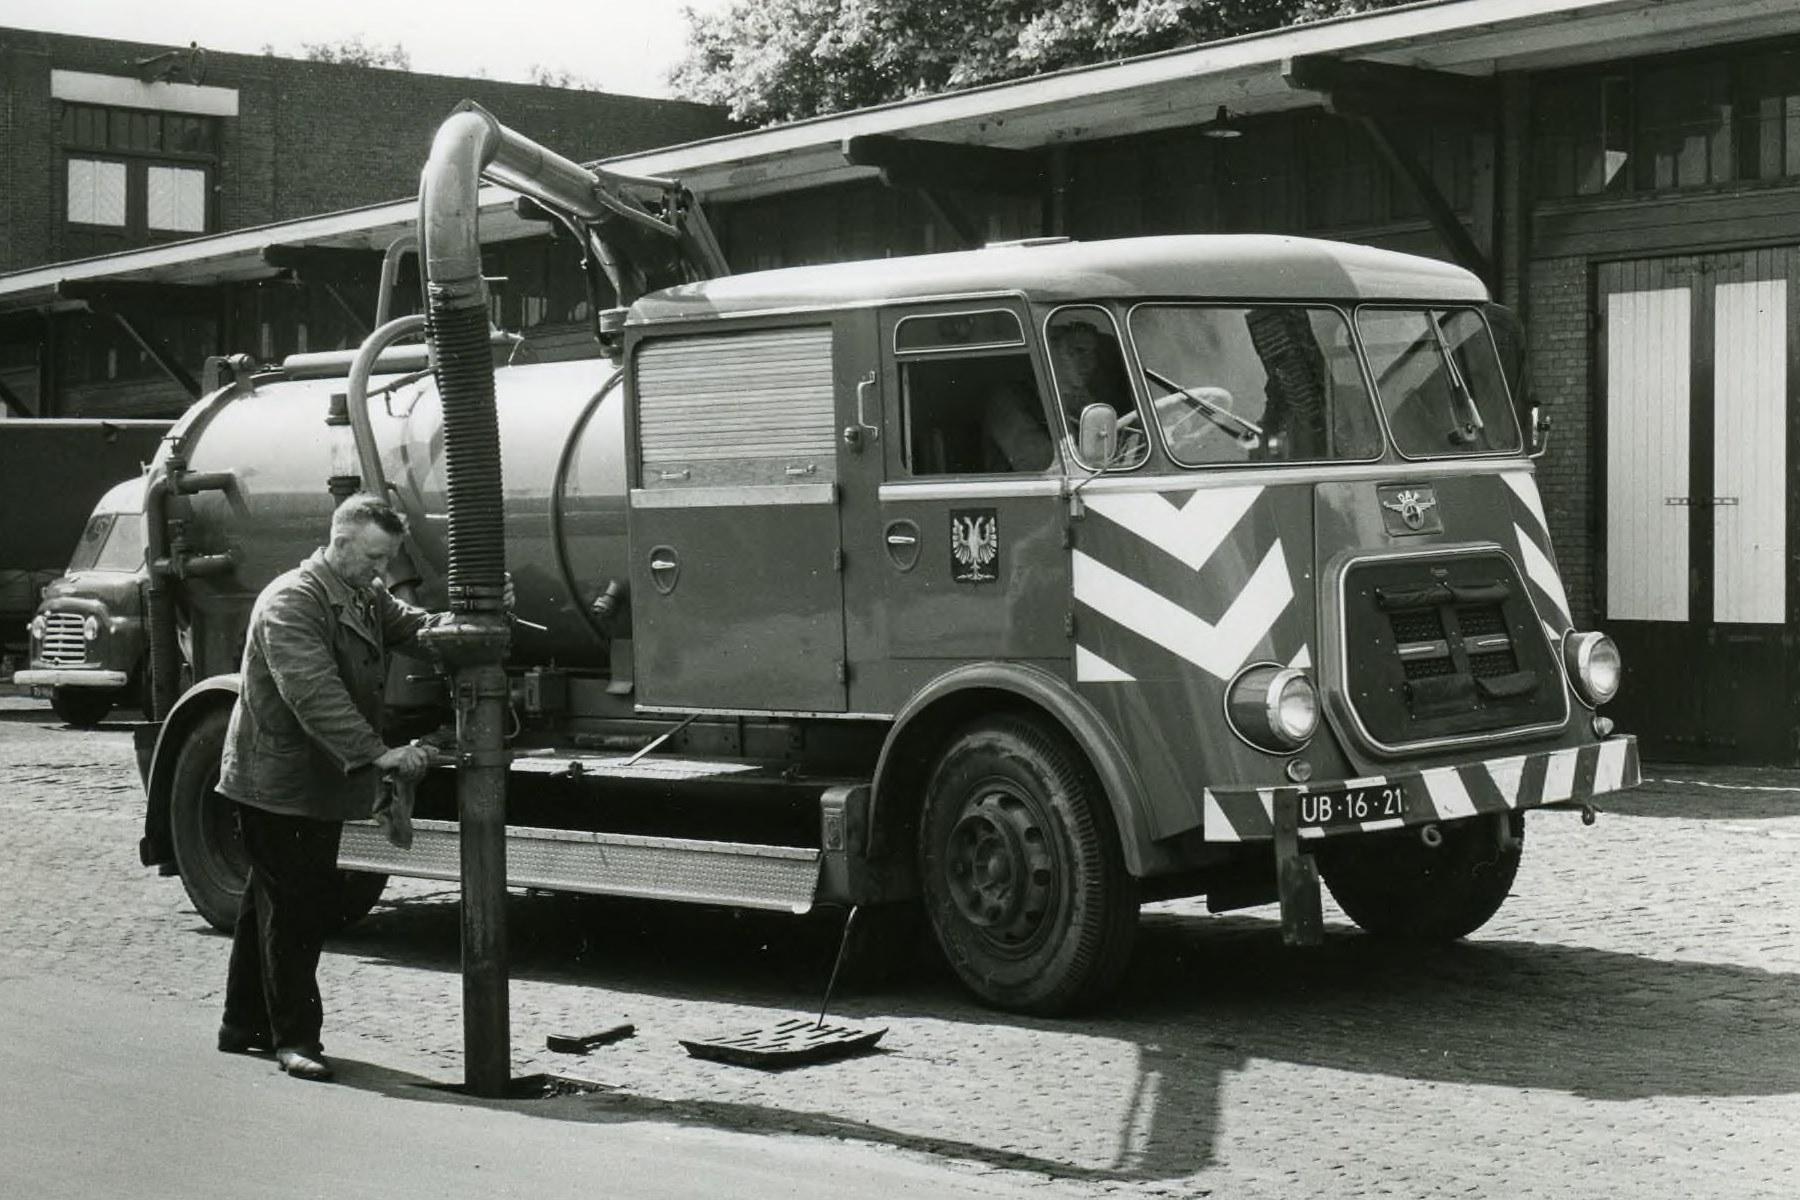 Arnhem-Dienst-Gemeentewerken-DAF-A-1600-Rioolkolkzuiger-1962